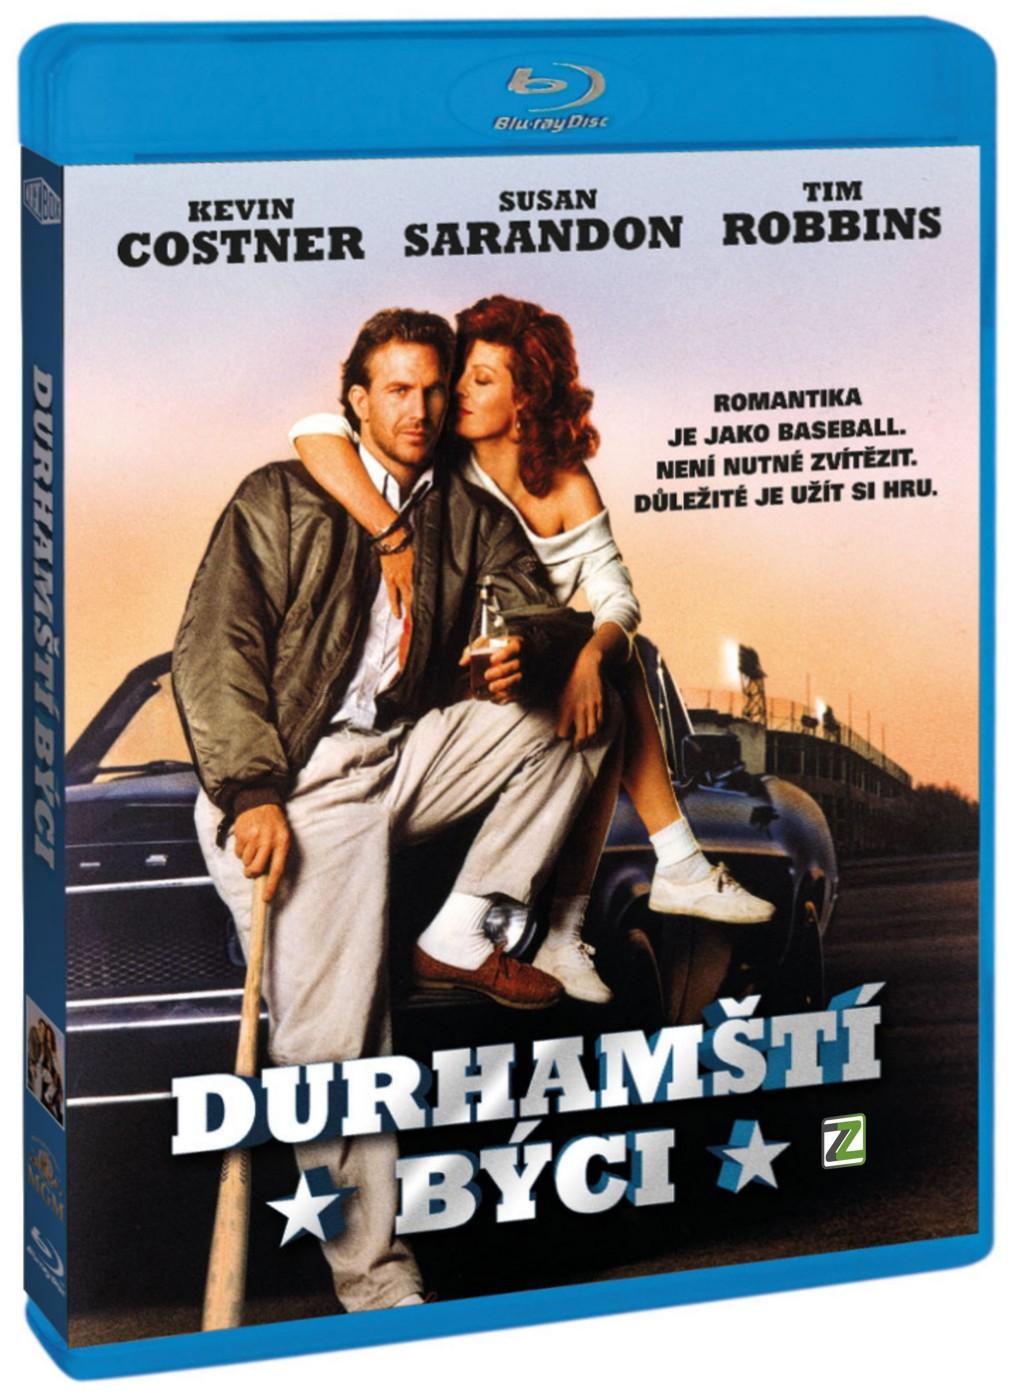 DURHAMŠTÍ BÝCI - Blu-ray